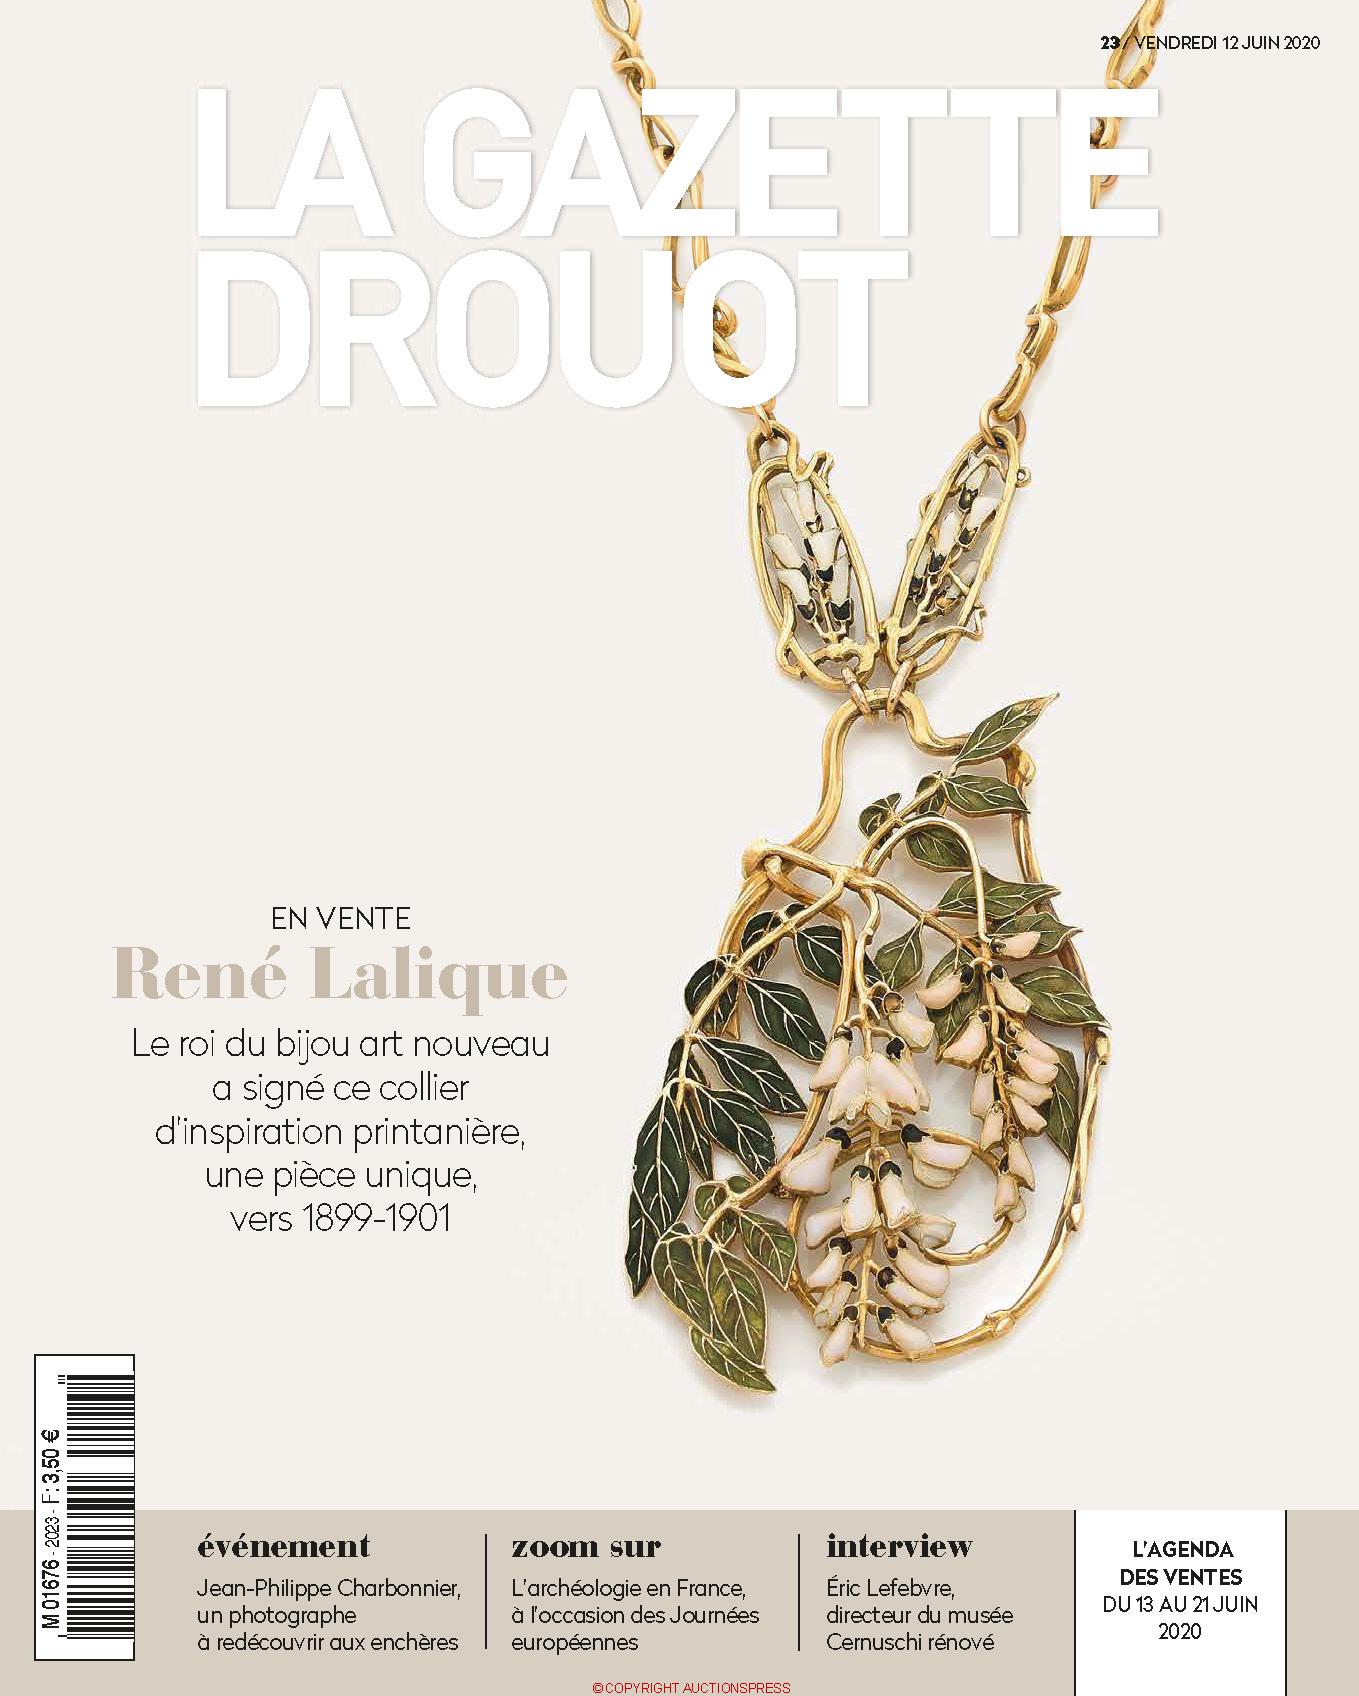 Gazette Drouot #23 du 12 JUIN 2020